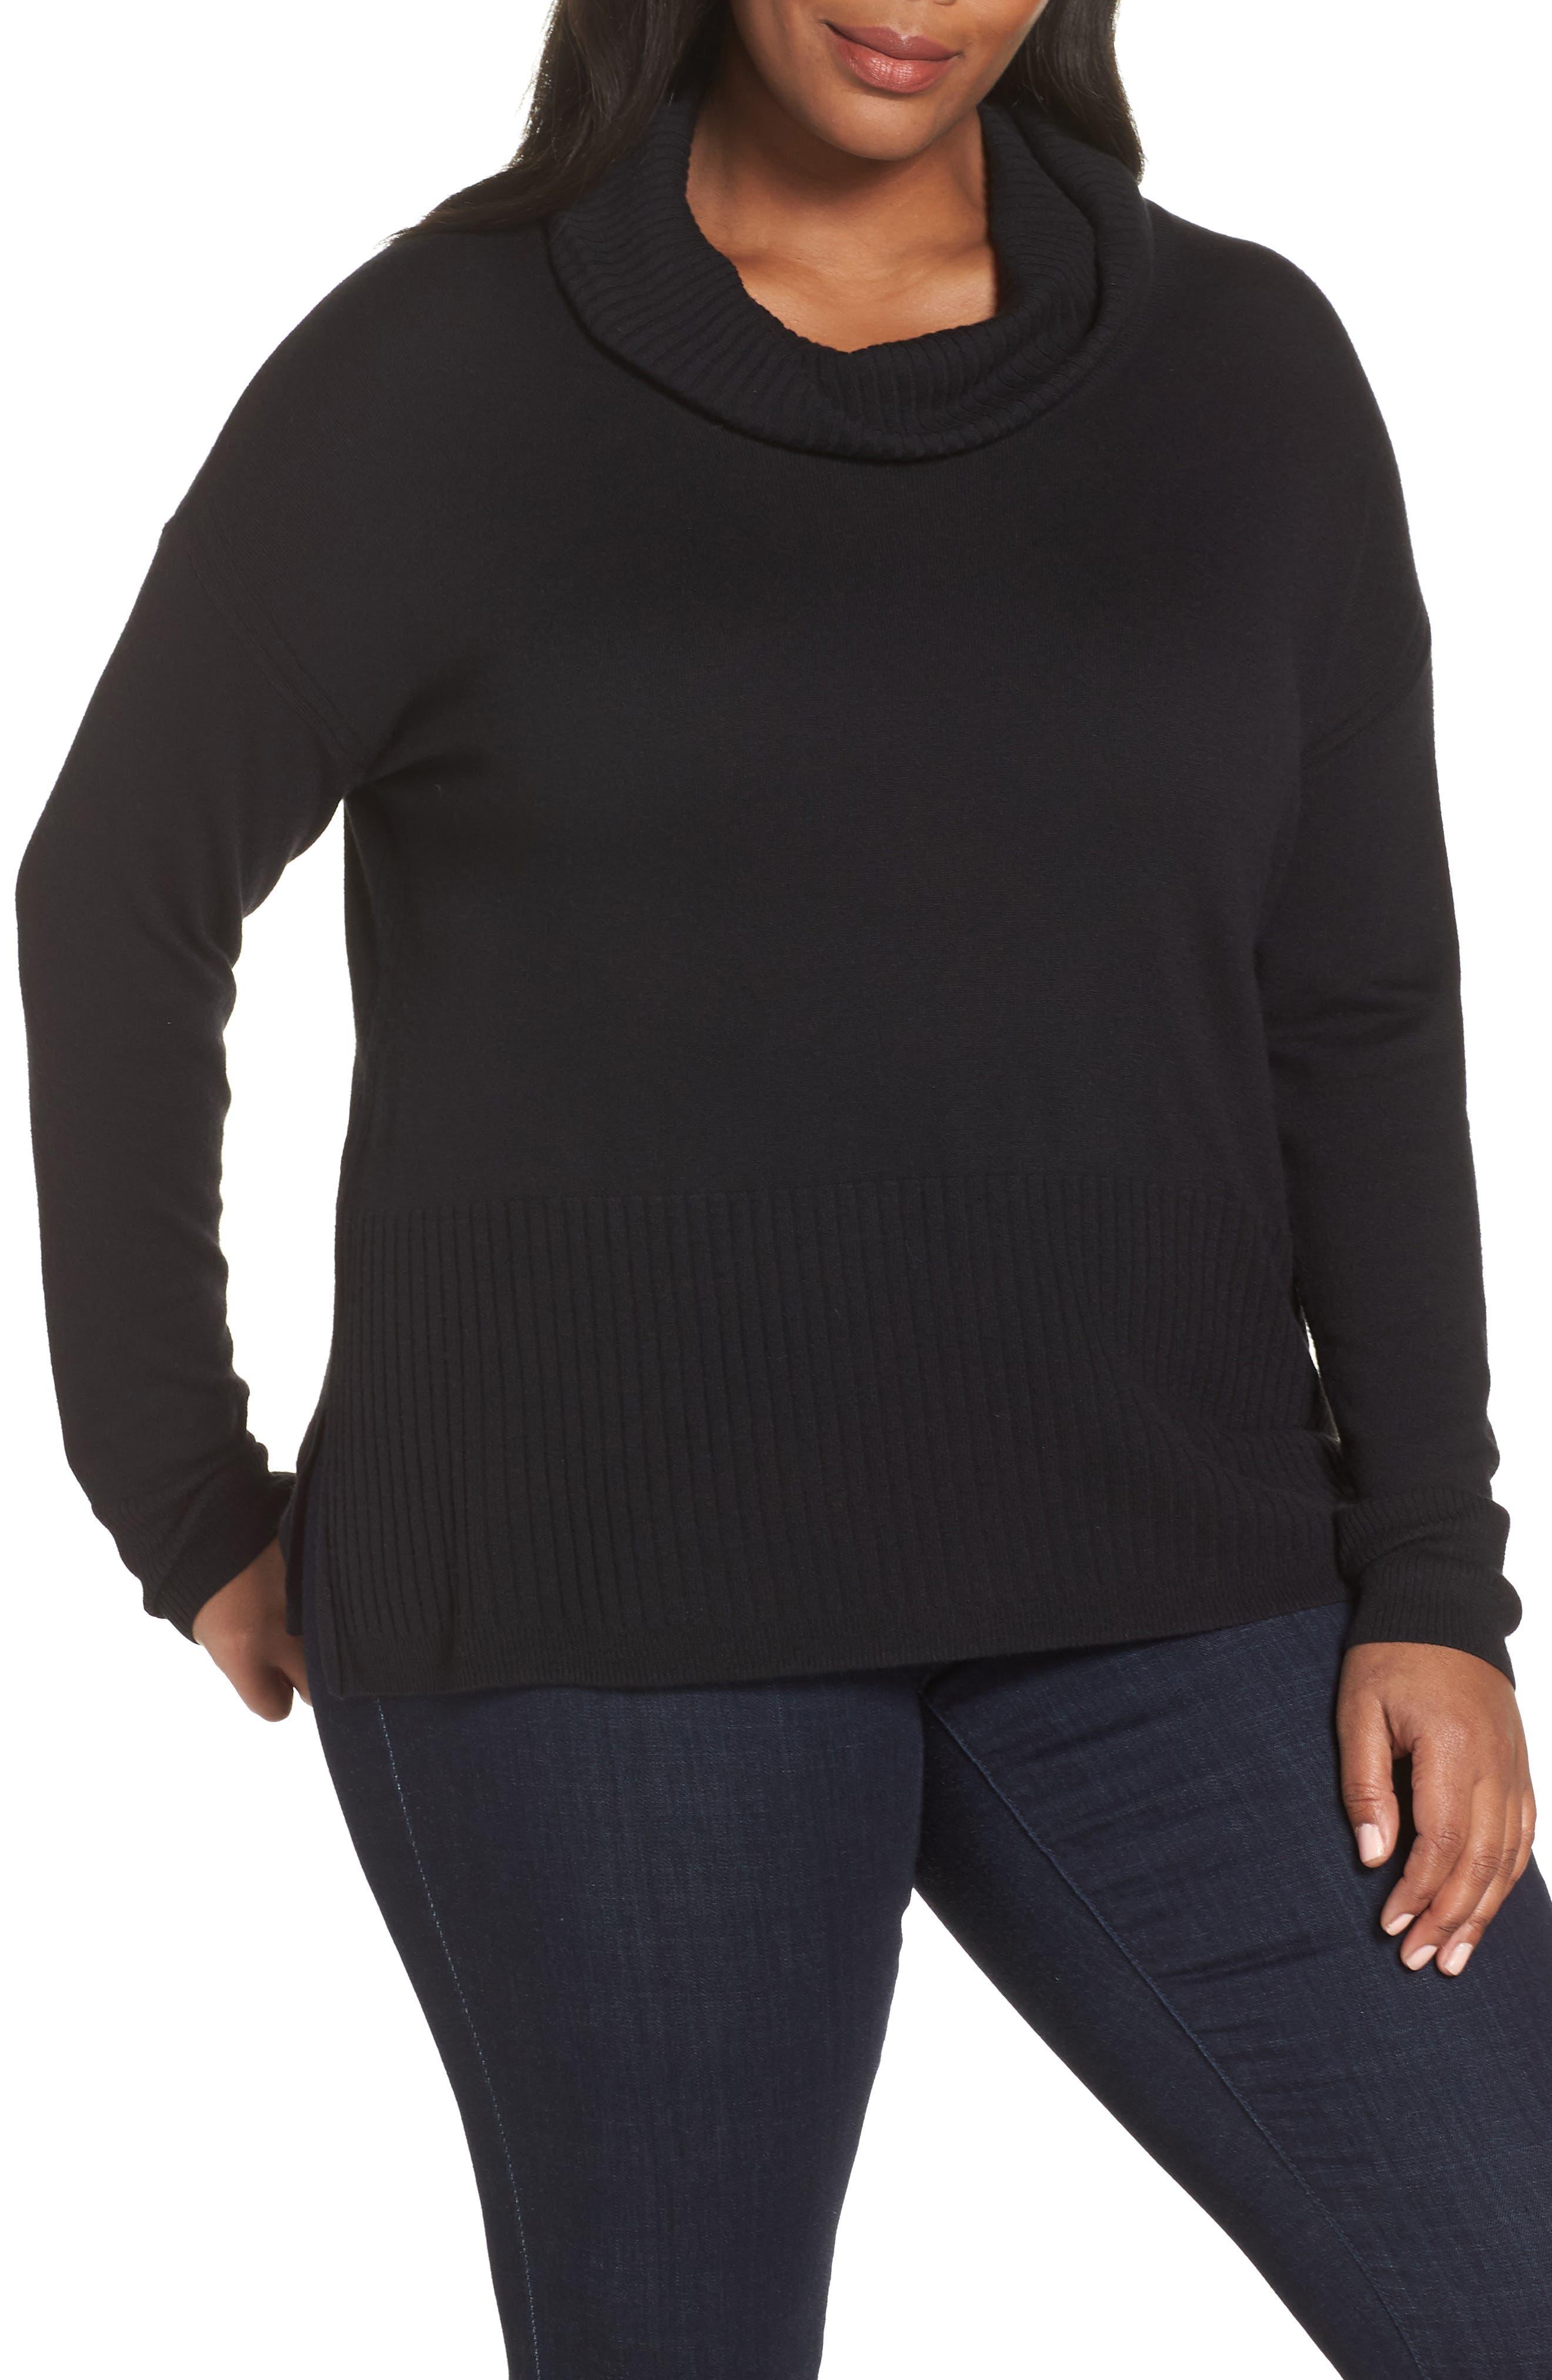 SEJOUR,                             Cowl Neck Pullover,                             Main thumbnail 1, color,                             BLACK